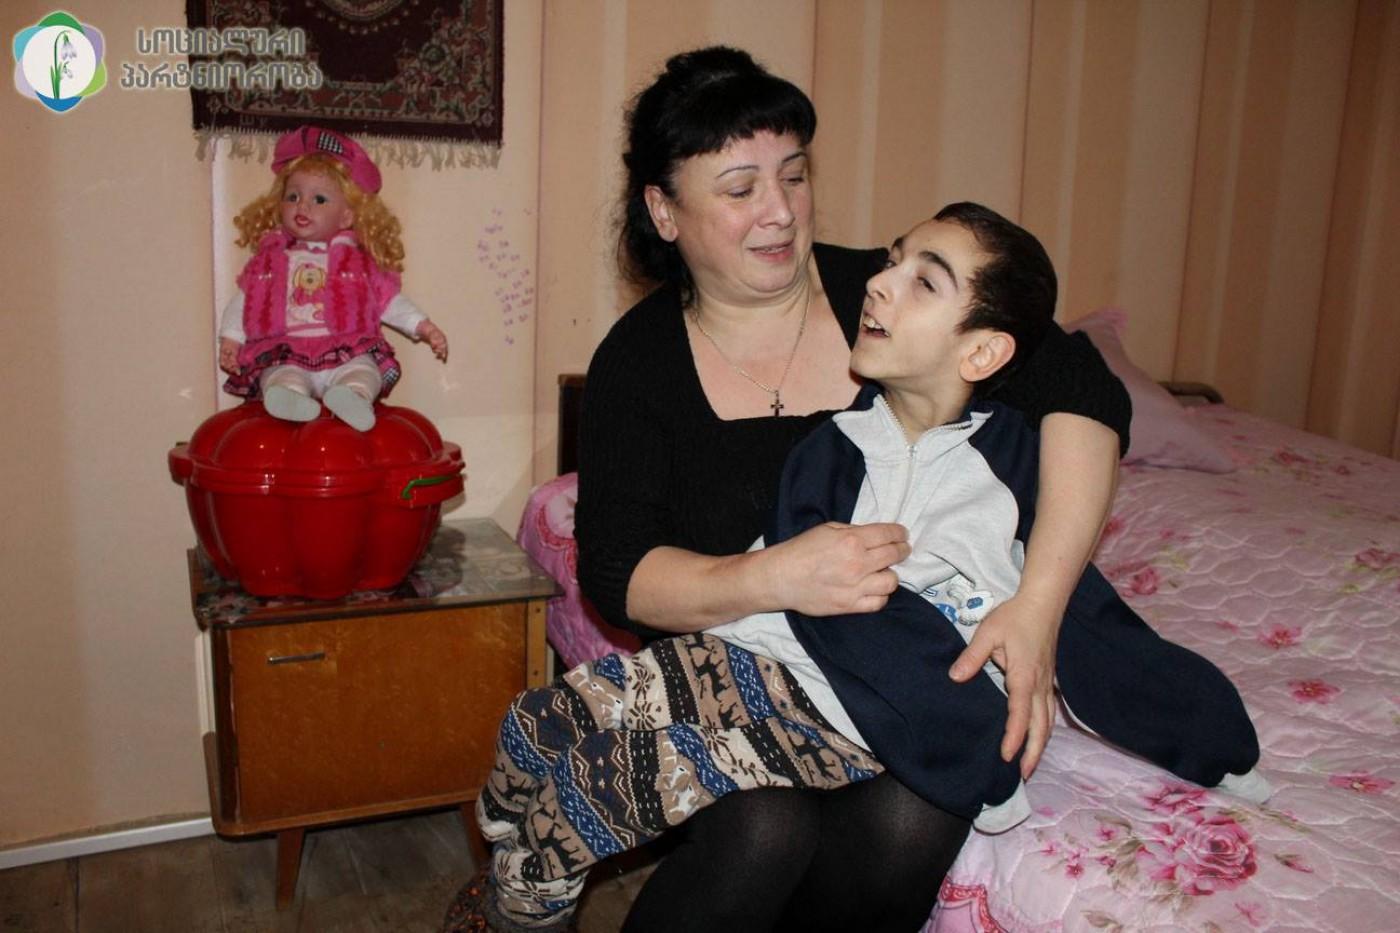 Сын ебеть свою маму на дачу, Мама сын на даче: смотреть русское порно видео онлайн 16 фотография